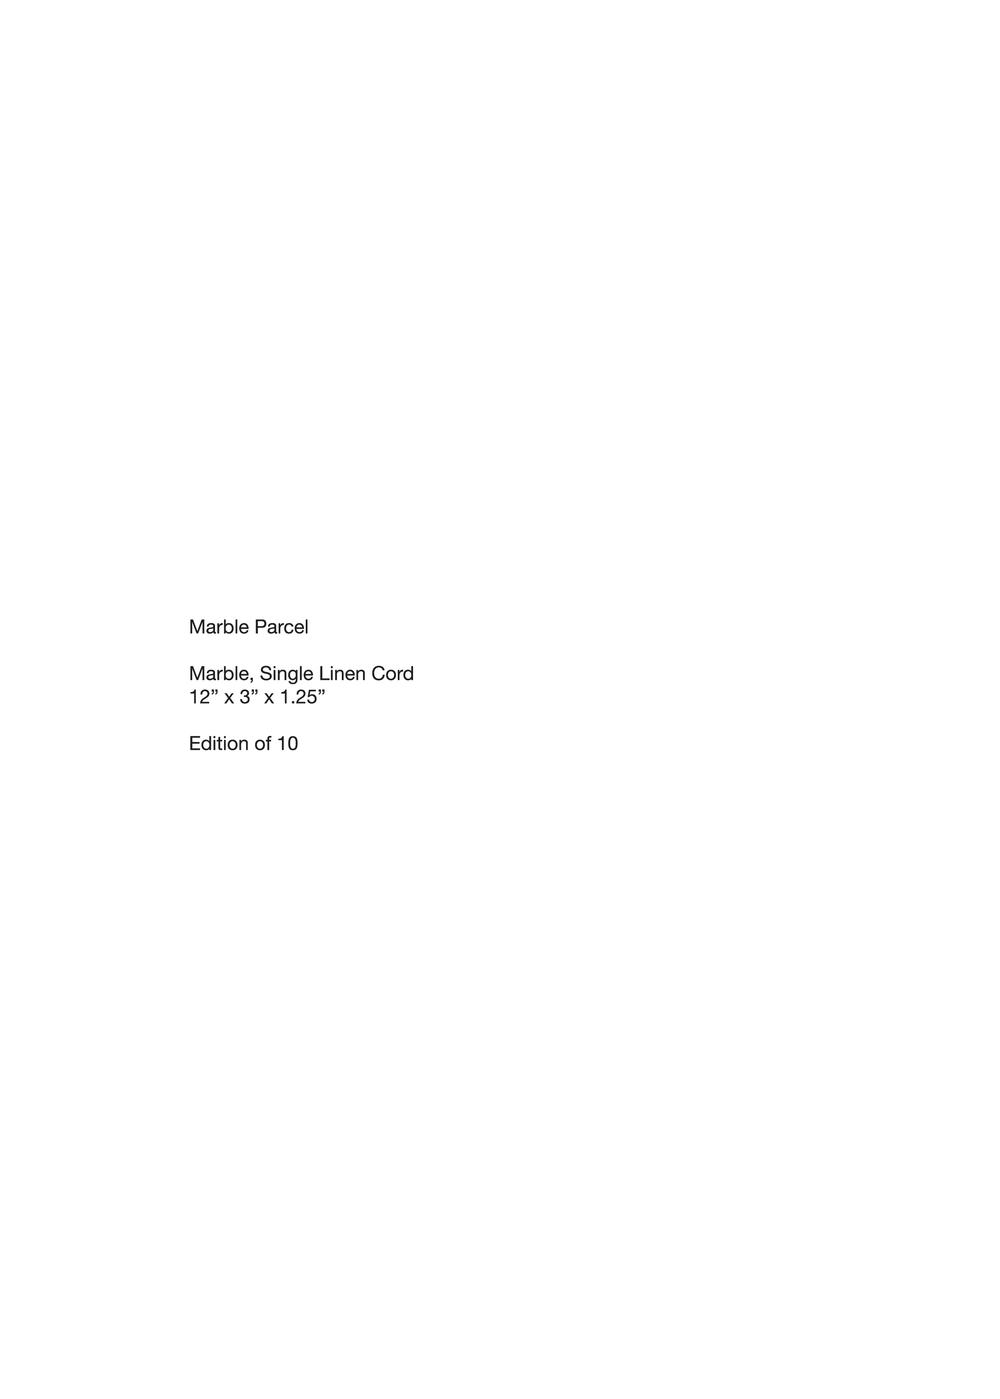 Nicole Patel Marble Parcel Text-01.png